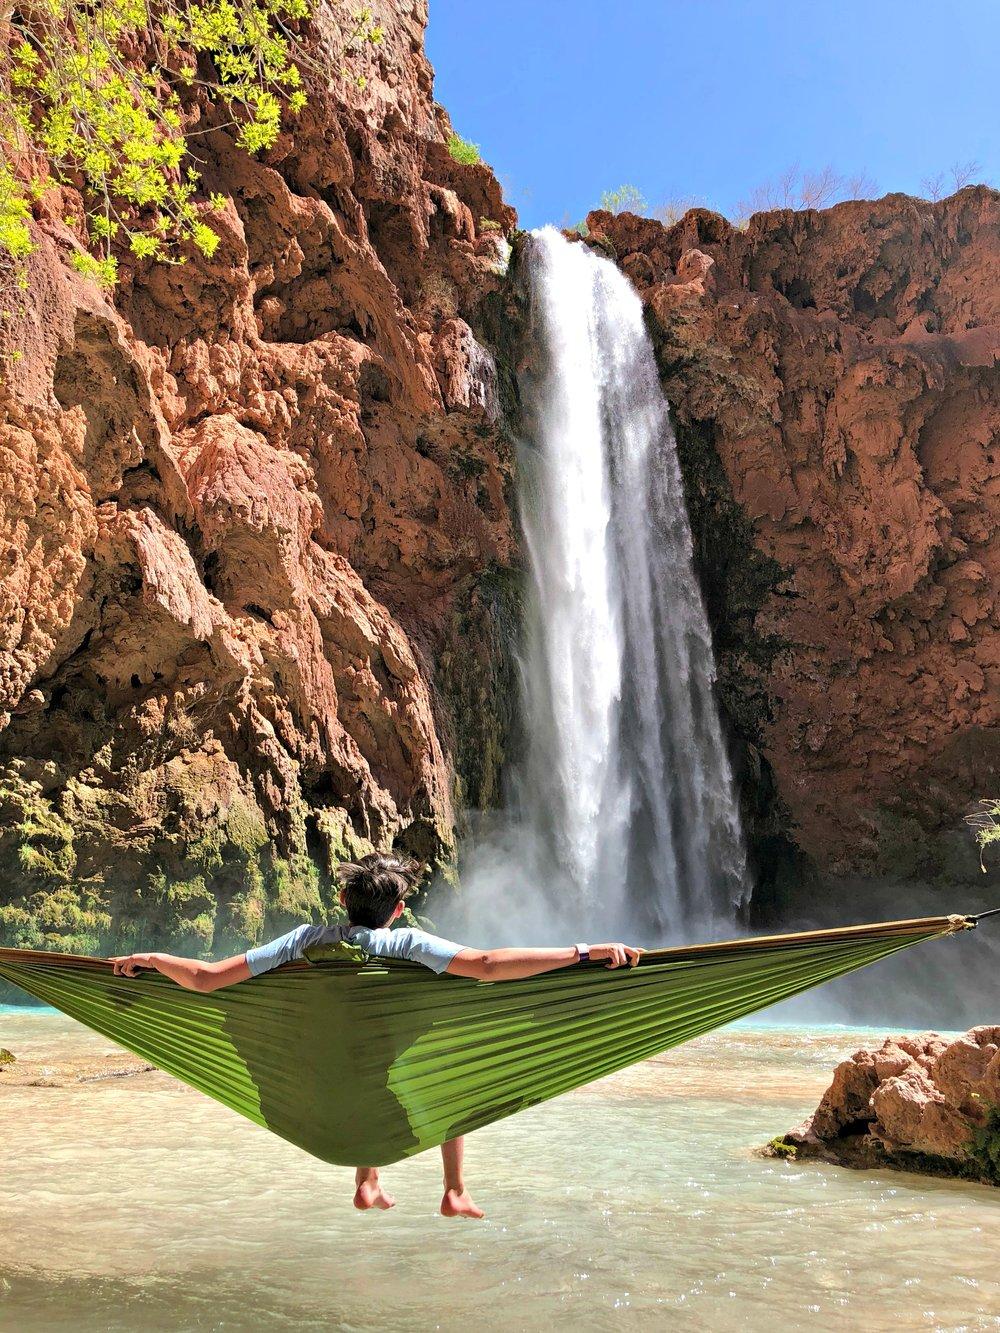 hobo-hammock-teenager-mooney-falls